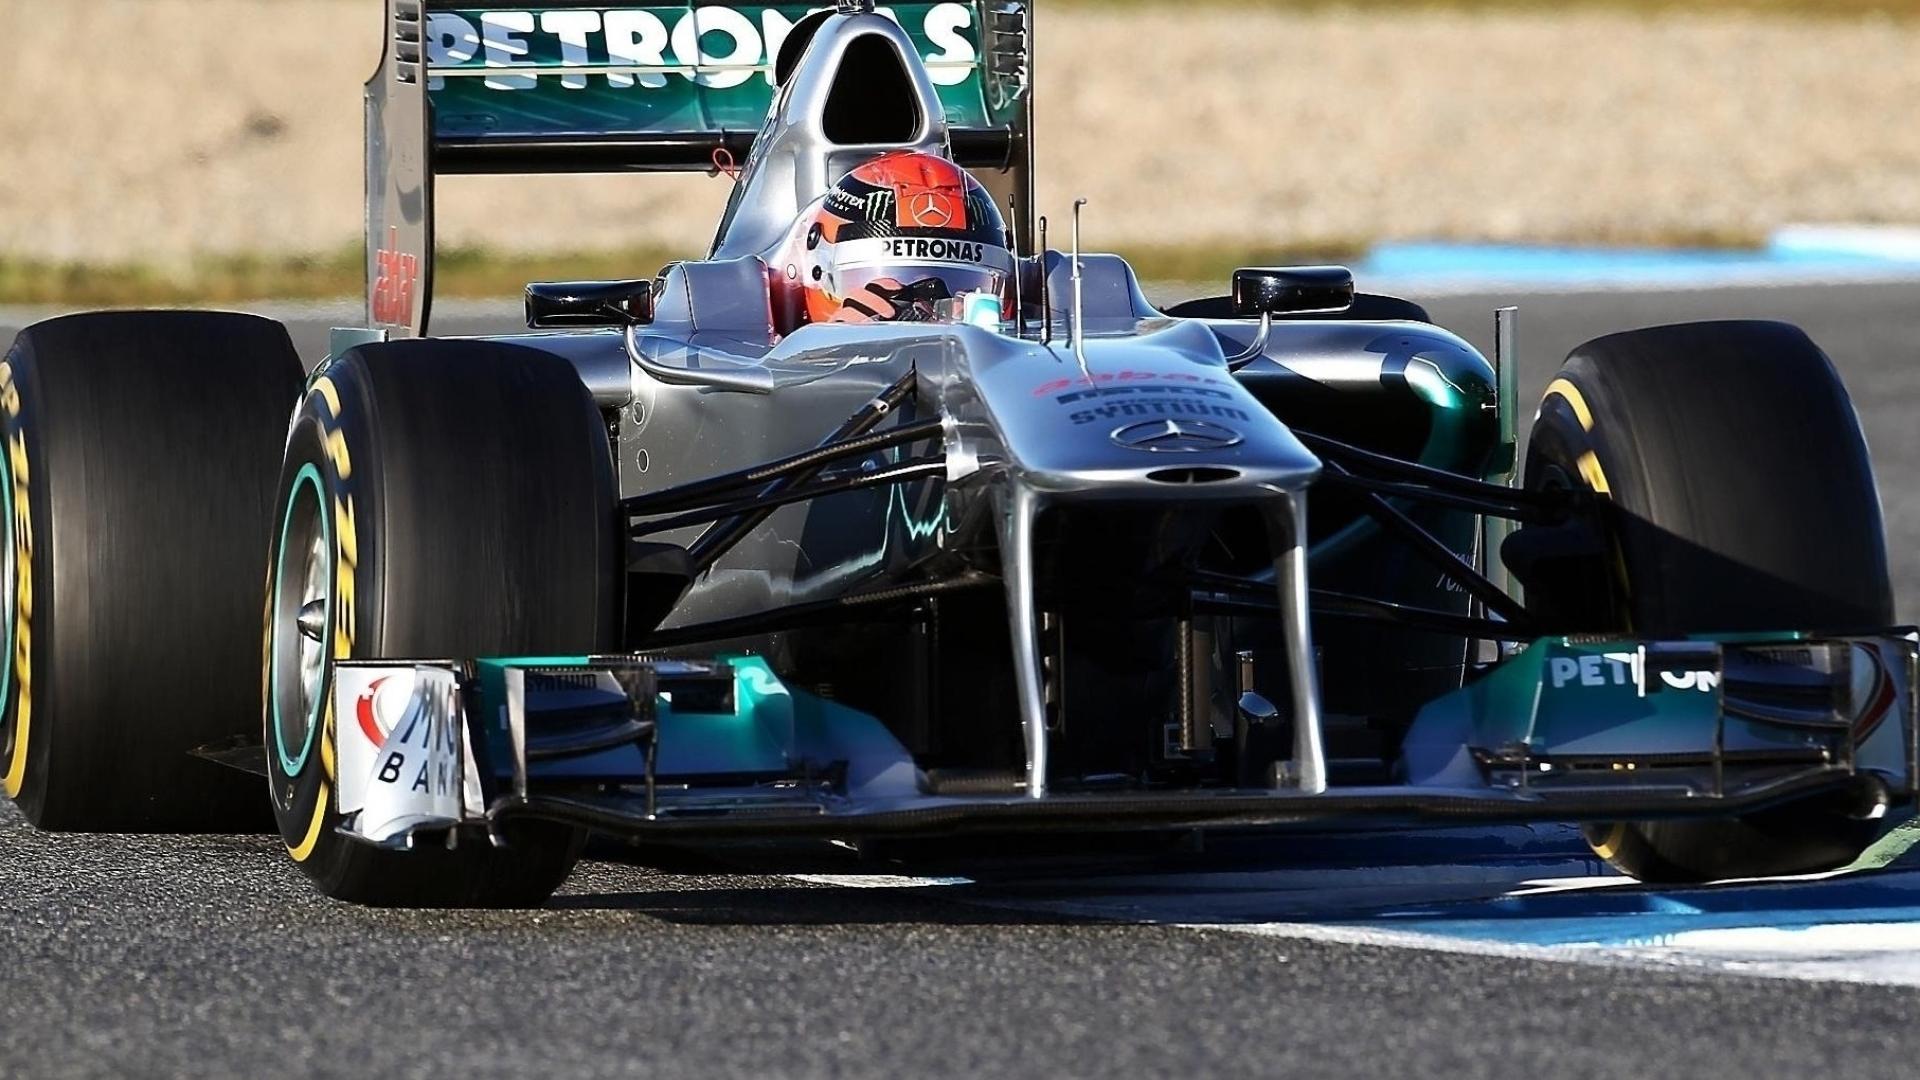 Schumacher Mercedes F1 Full Hd Wallpaper